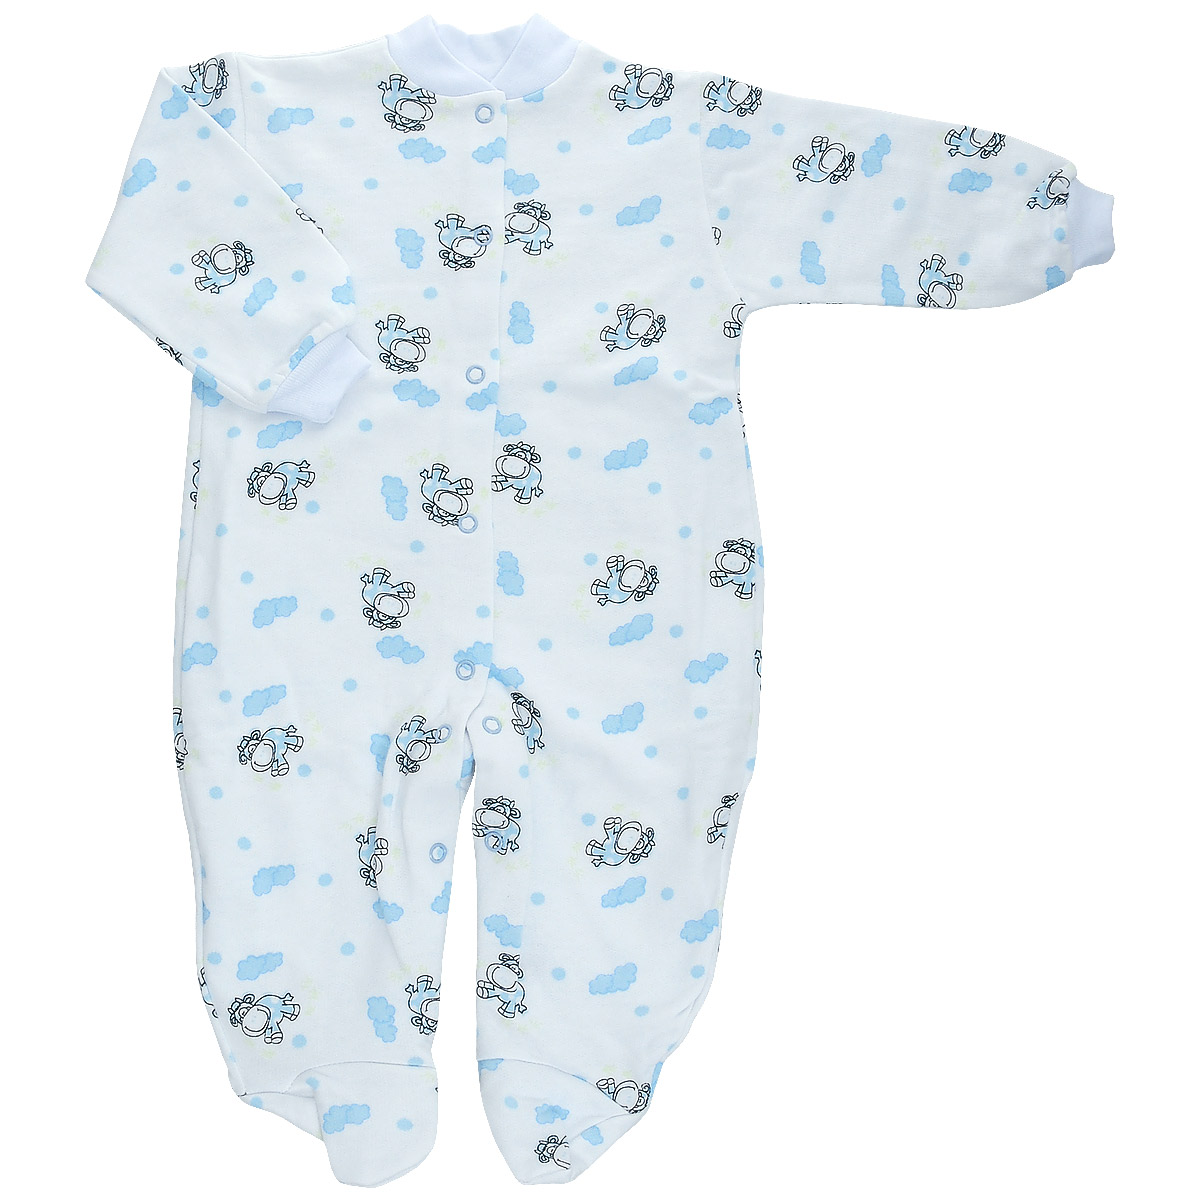 Комбинезон детский Трон-Плюс, цвет: белый, голубой, рисунок коровы. 5821. Размер 62, 3 месяца5821Детский комбинезон Трон-Плюс - очень удобный и практичный вид одежды для малышей. Теплый комбинезон выполнен из футерованного полотна - натурального хлопка, благодаря чему он необычайно мягкий и приятный на ощупь, не раздражает нежную кожу ребенка, и хорошо вентилируются, а эластичные швы приятны телу малыша и не препятствуют его движениям. Комбинезон с длинными рукавами и закрытыми ножками имеет застежки-кнопки от горловины до щиколоток, которые помогают легко переодеть младенца или сменить подгузник. Рукава понизу дополнены неширокими трикотажными манжетами, мягко облегающими запястья. Вырез горловины дополнен мягкой трикотажной резинкой. Оформлен комбинезон оригинальным принтом. С детским комбинезоном спинка и ножки вашего малыша всегда будут в тепле, он идеален для использования днем и незаменим ночью. Комбинезон полностью соответствует особенностям жизни младенца в ранний период, не стесняя и не ограничивая его в движениях!